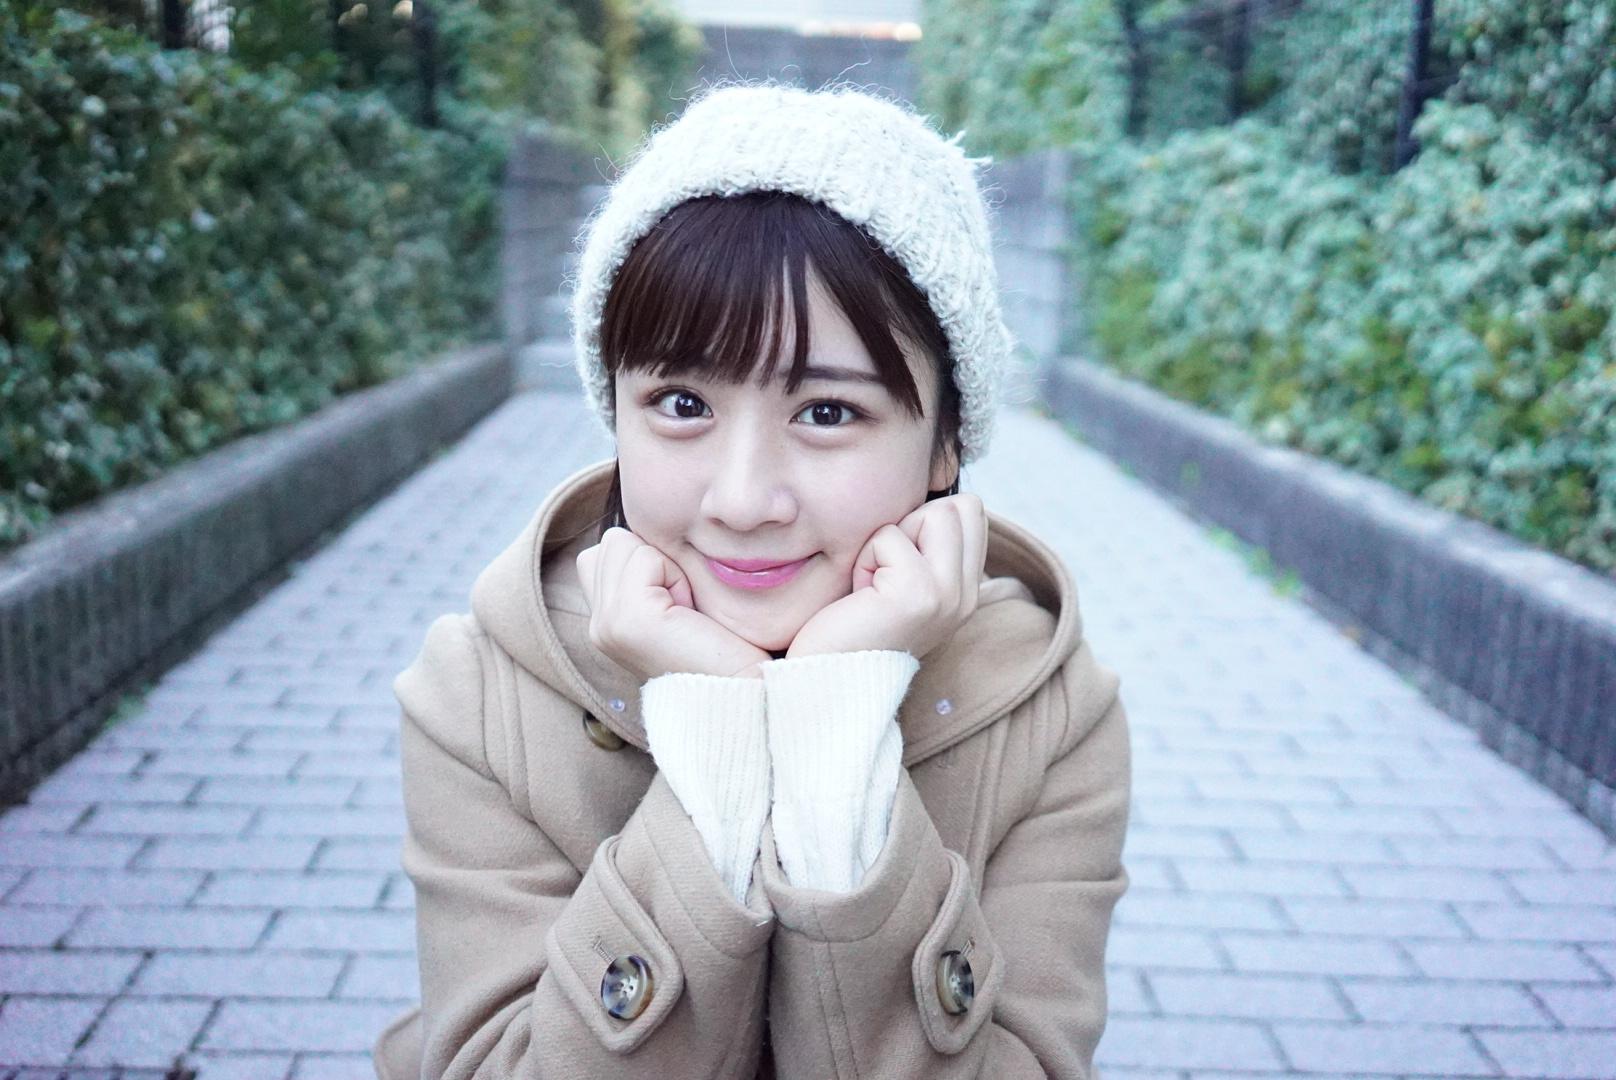 目の上《ぷっつん前髪》で目ヂカラアップ♡_1_4